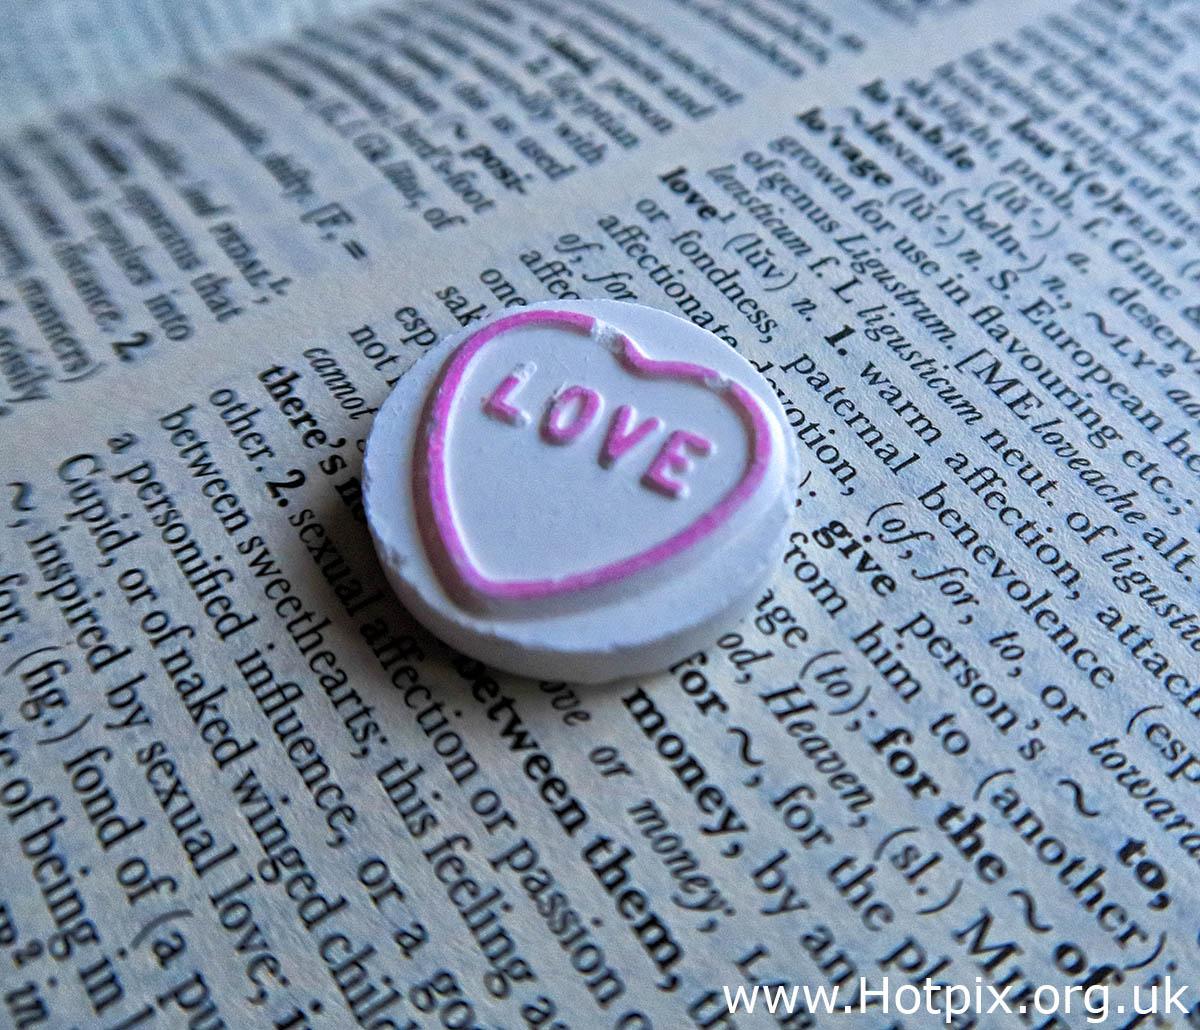 HousingITguy,Project365,2nd 365,HotpixUK365,Tone Smith,GoTonySmith,365,2365 one a day,Tony Smith,Hotpix,Love Heart,Love Hearts,sweet,sweets